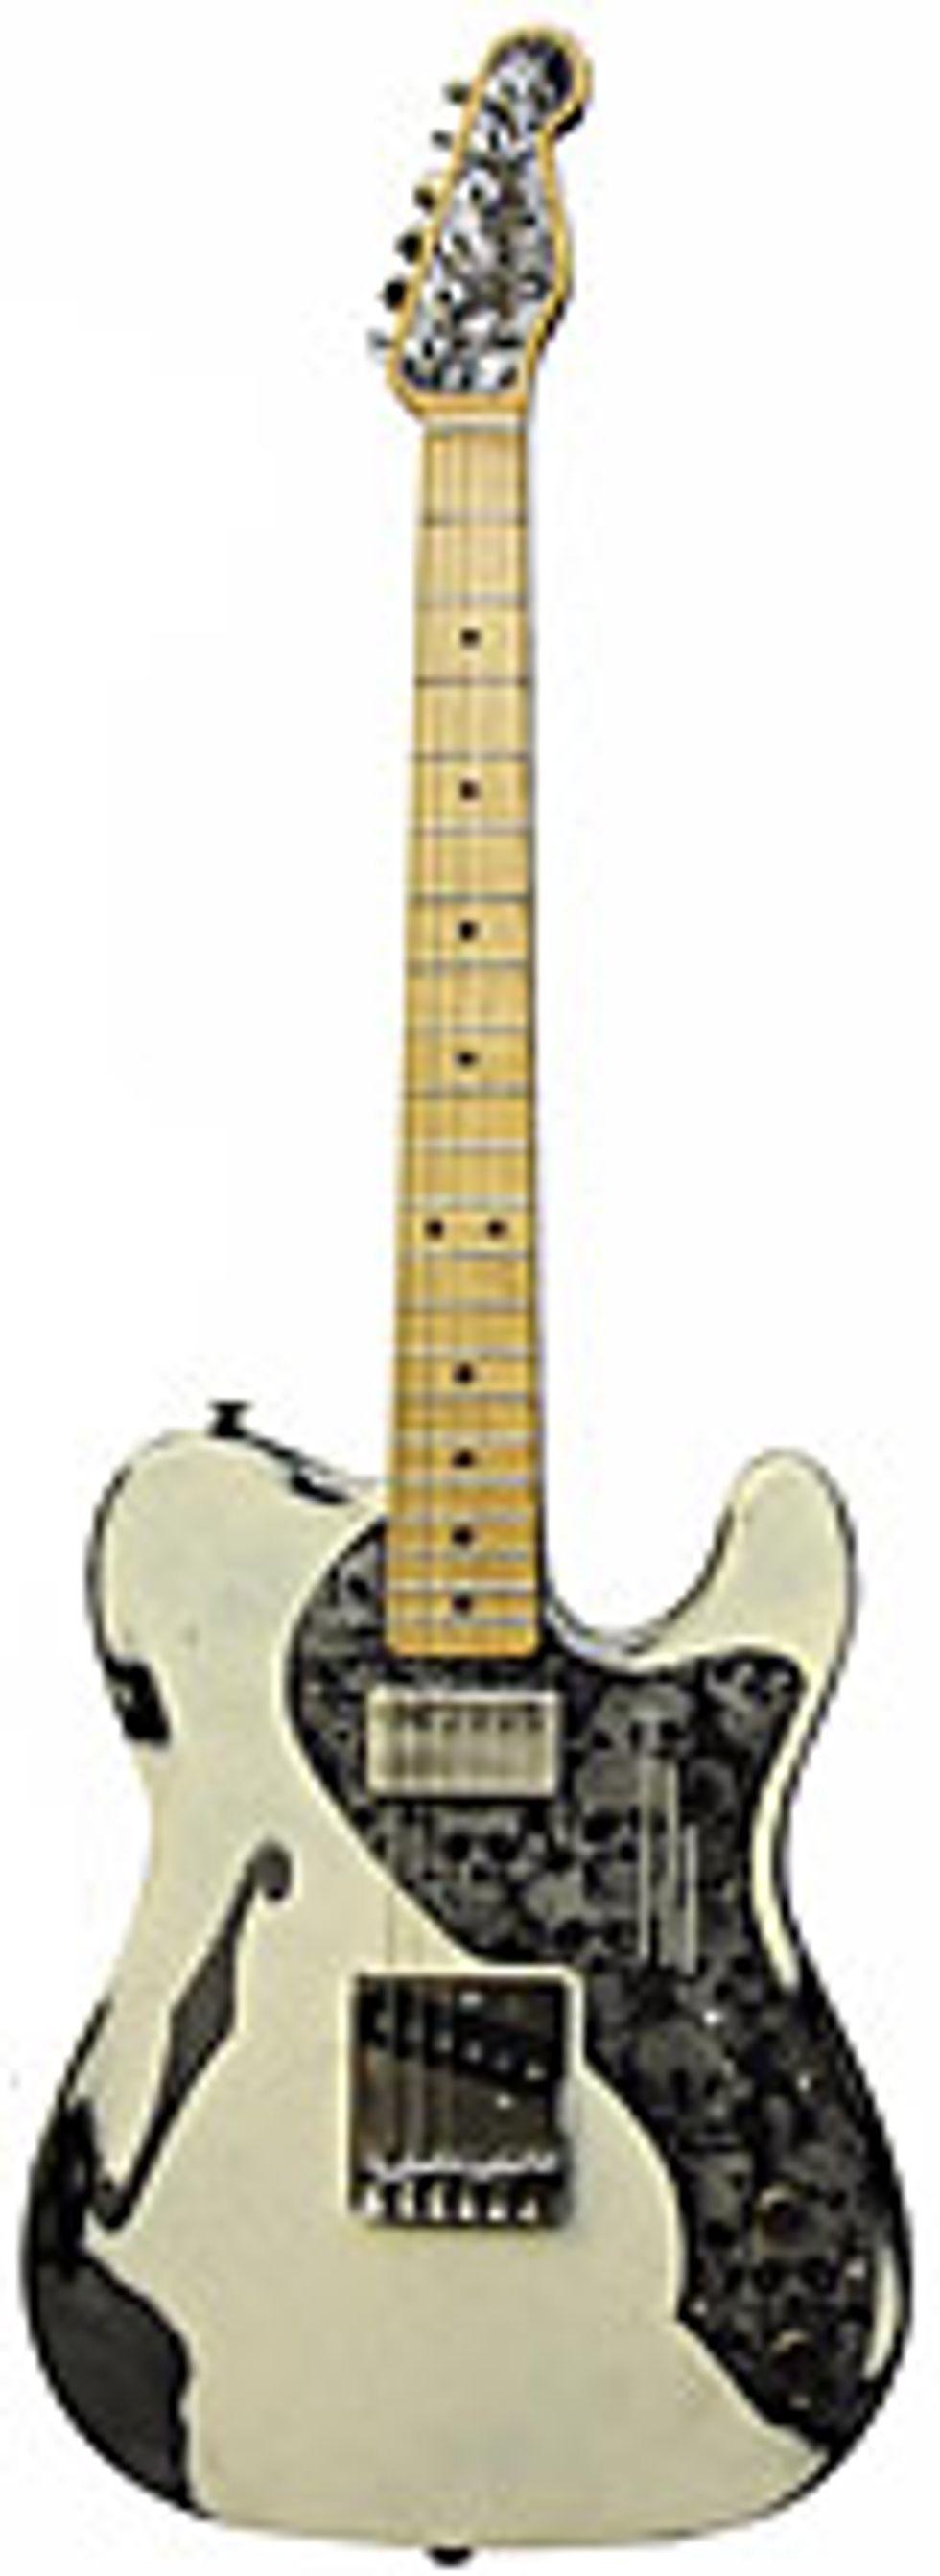 James Trussart Steelcaster Deluxe